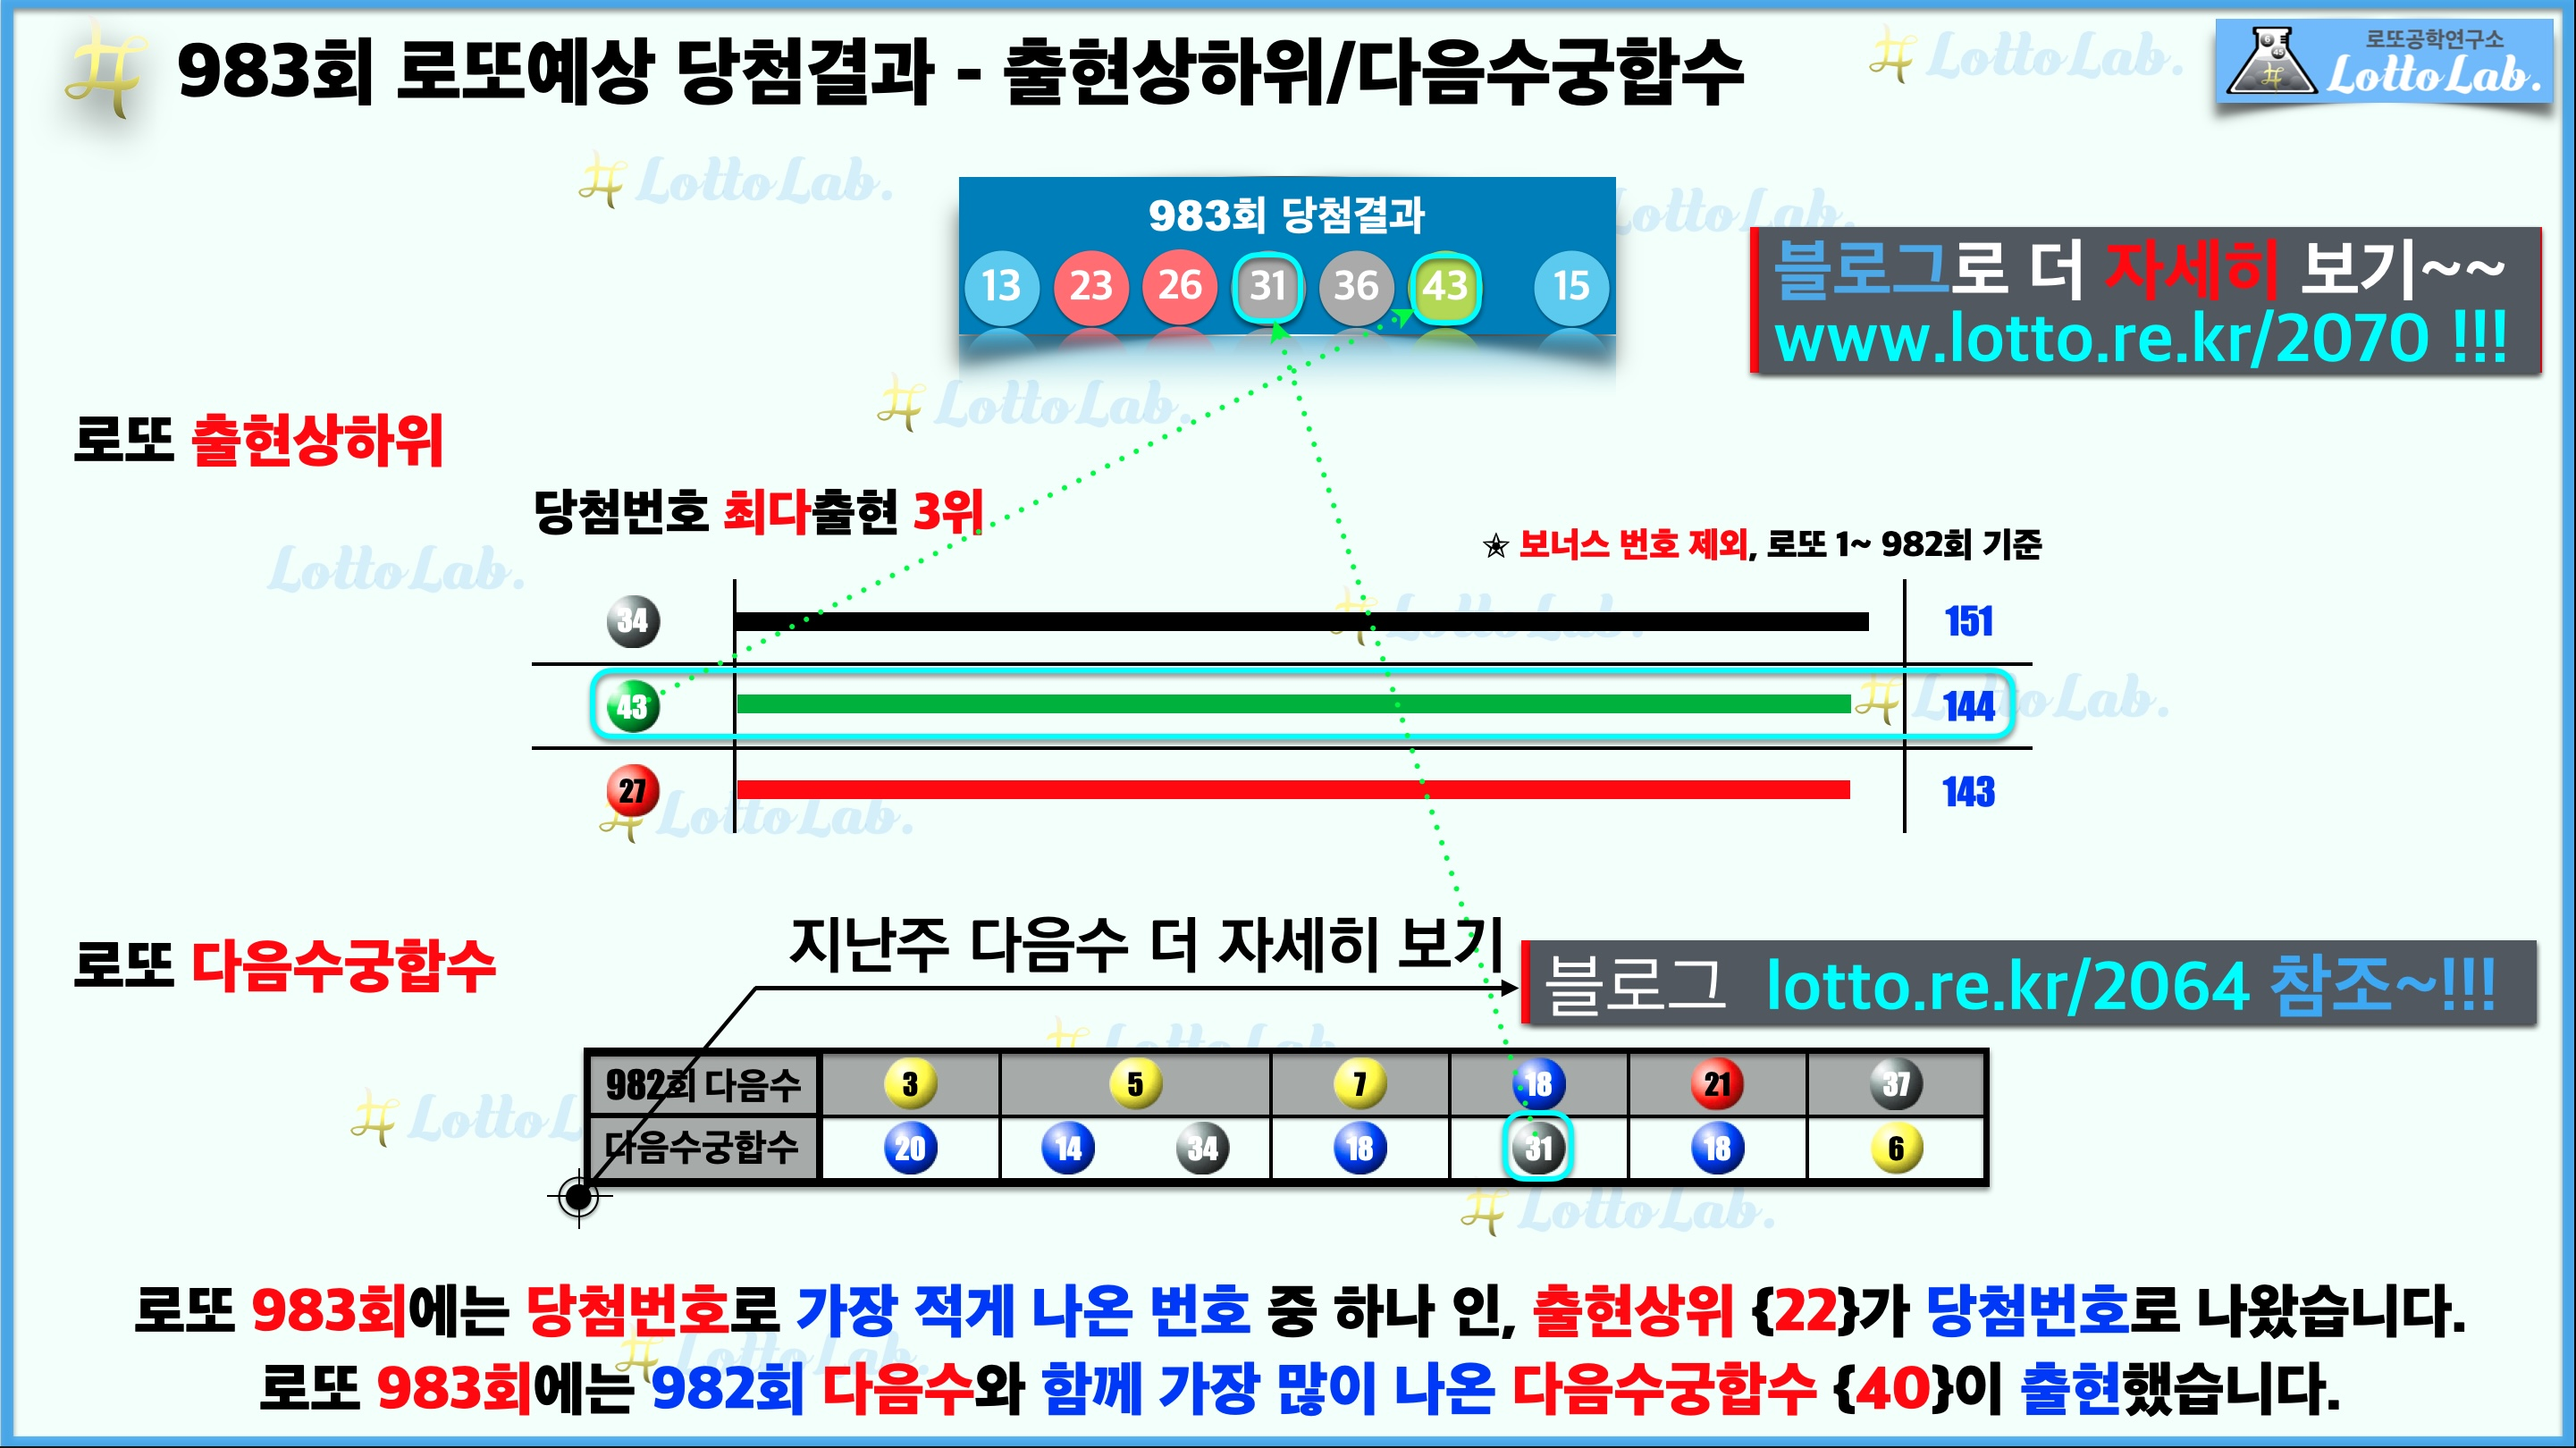 로또랩 로또983 예상결과 - 출현상하위 다음수궁합수